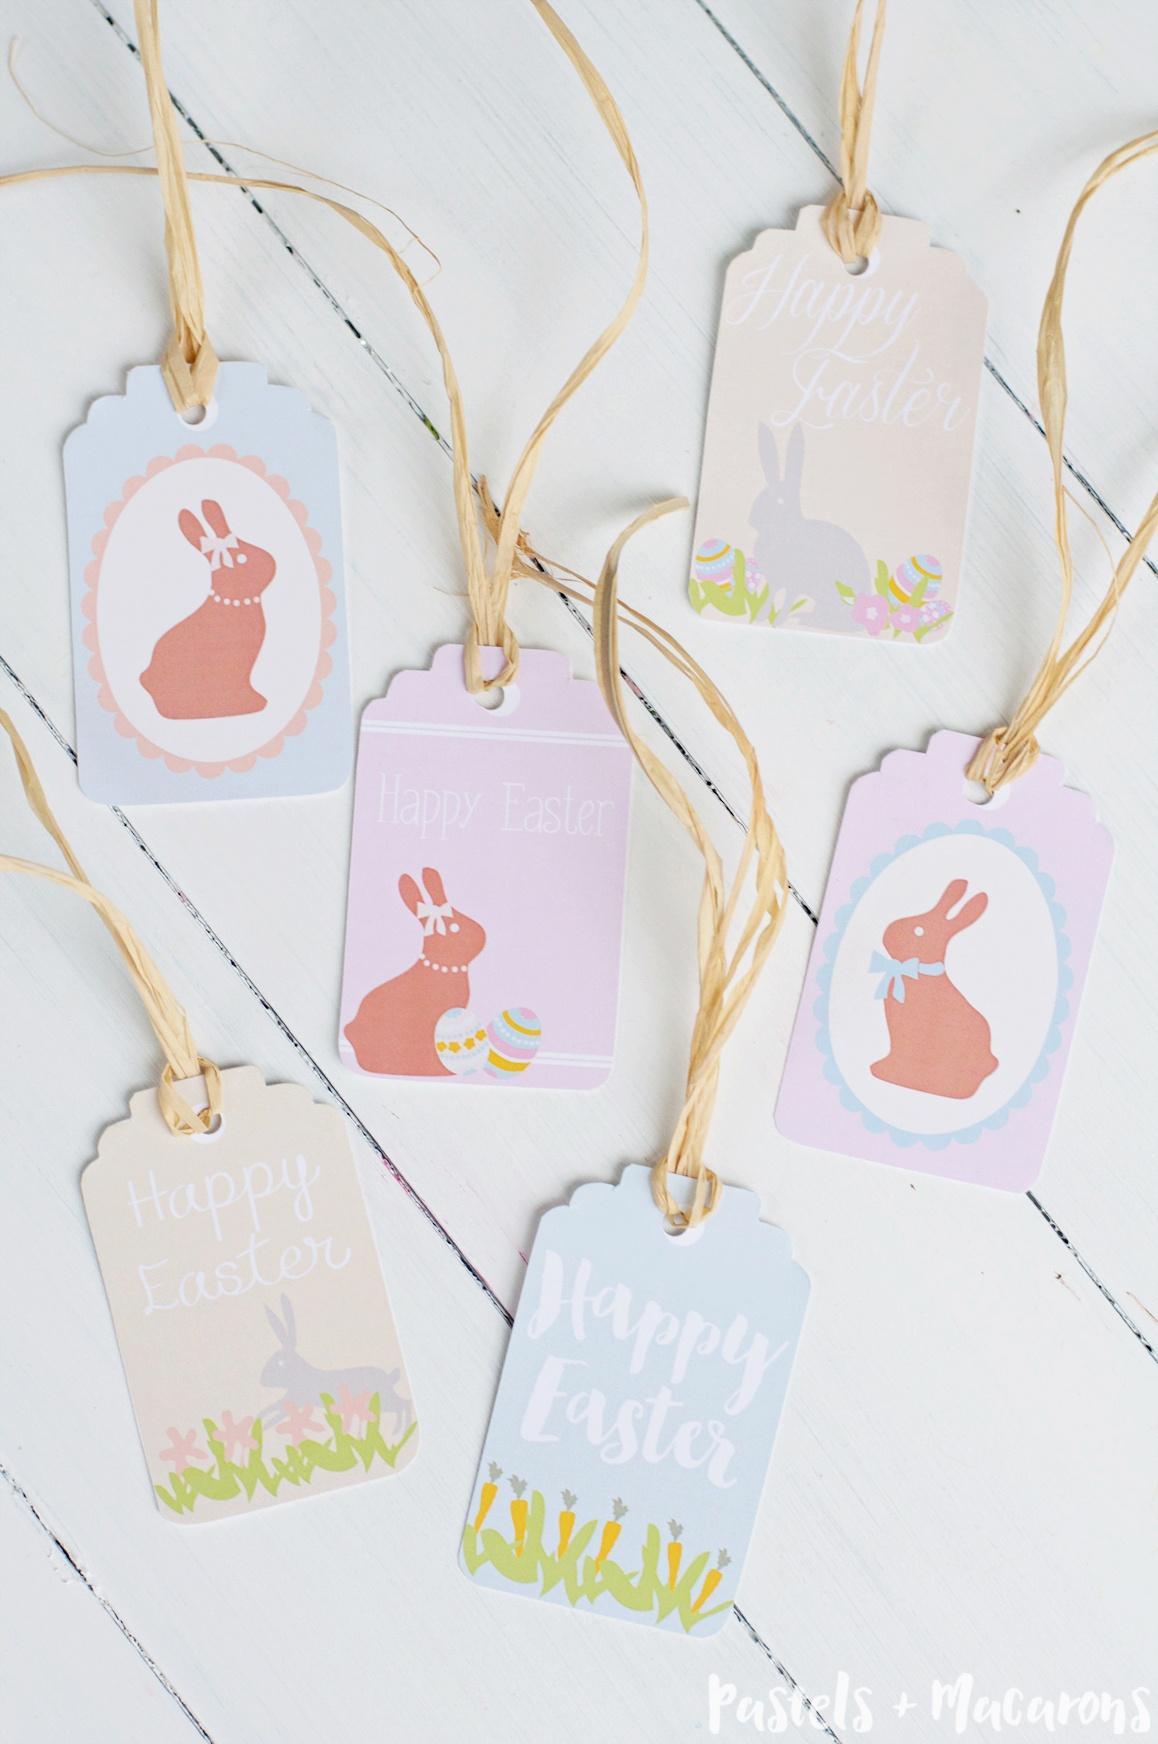 Free Printable Easter Gift Tags - Free Easter Name Tags Printable